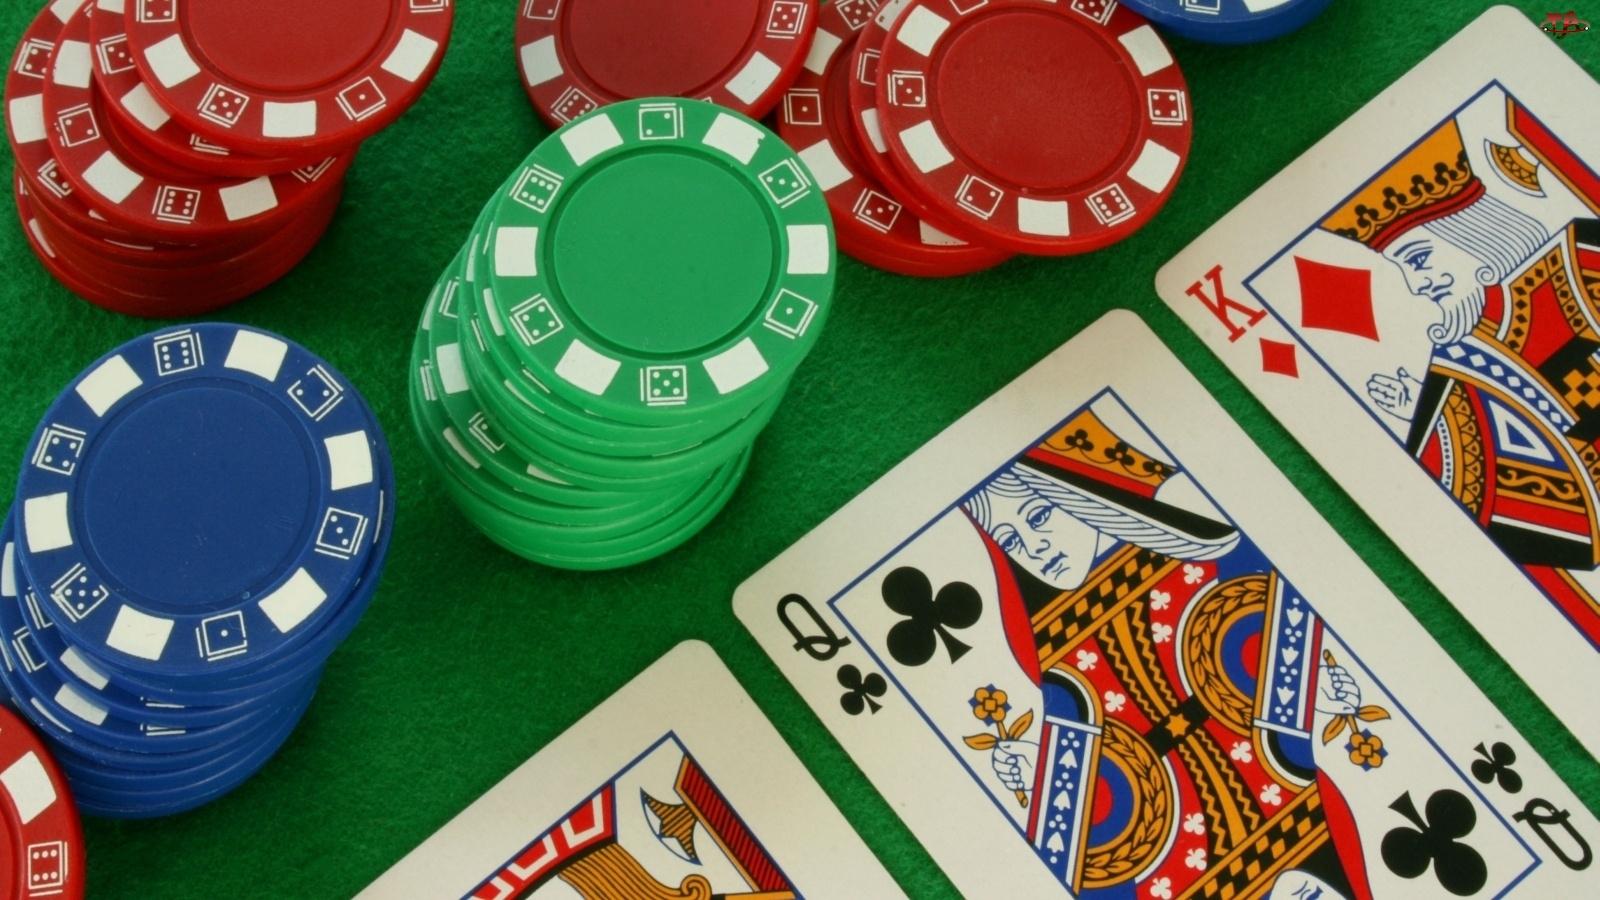 Kasyno, Poker, Żetony, Karty